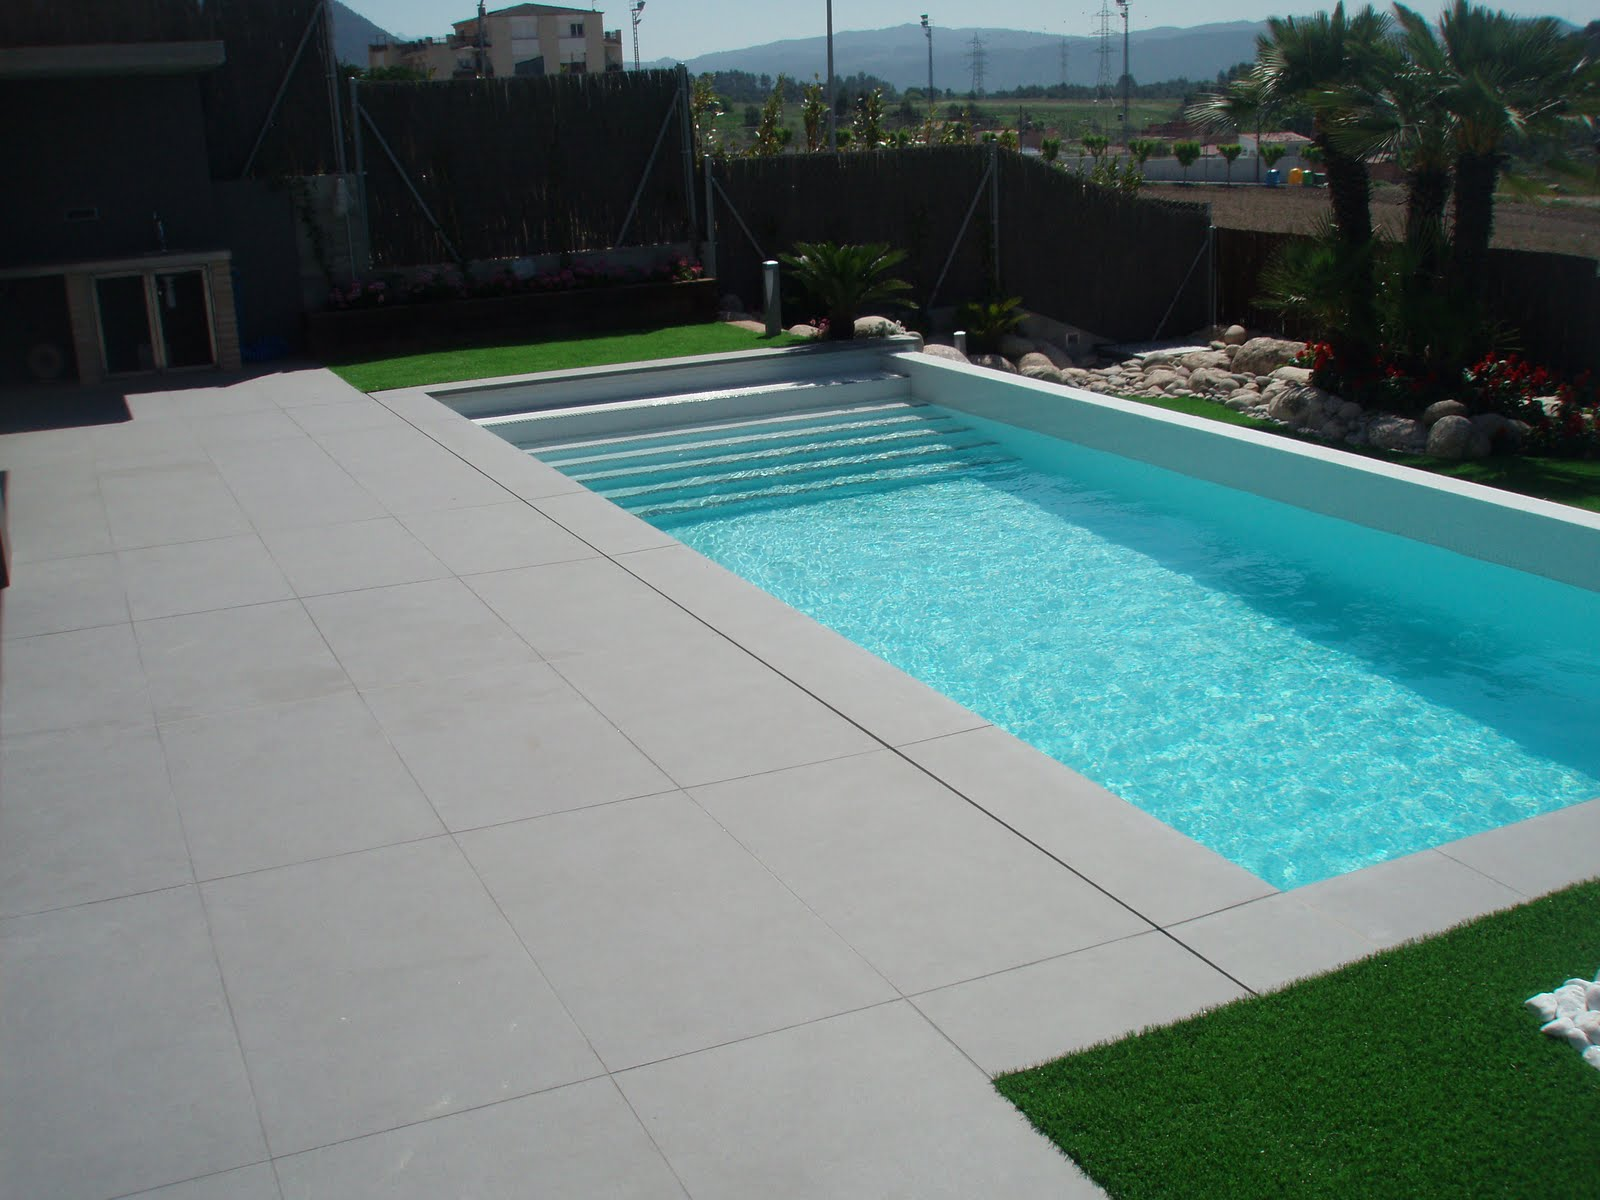 Rosa gres serena modernidad con imagina for Gres de breda para piscinas